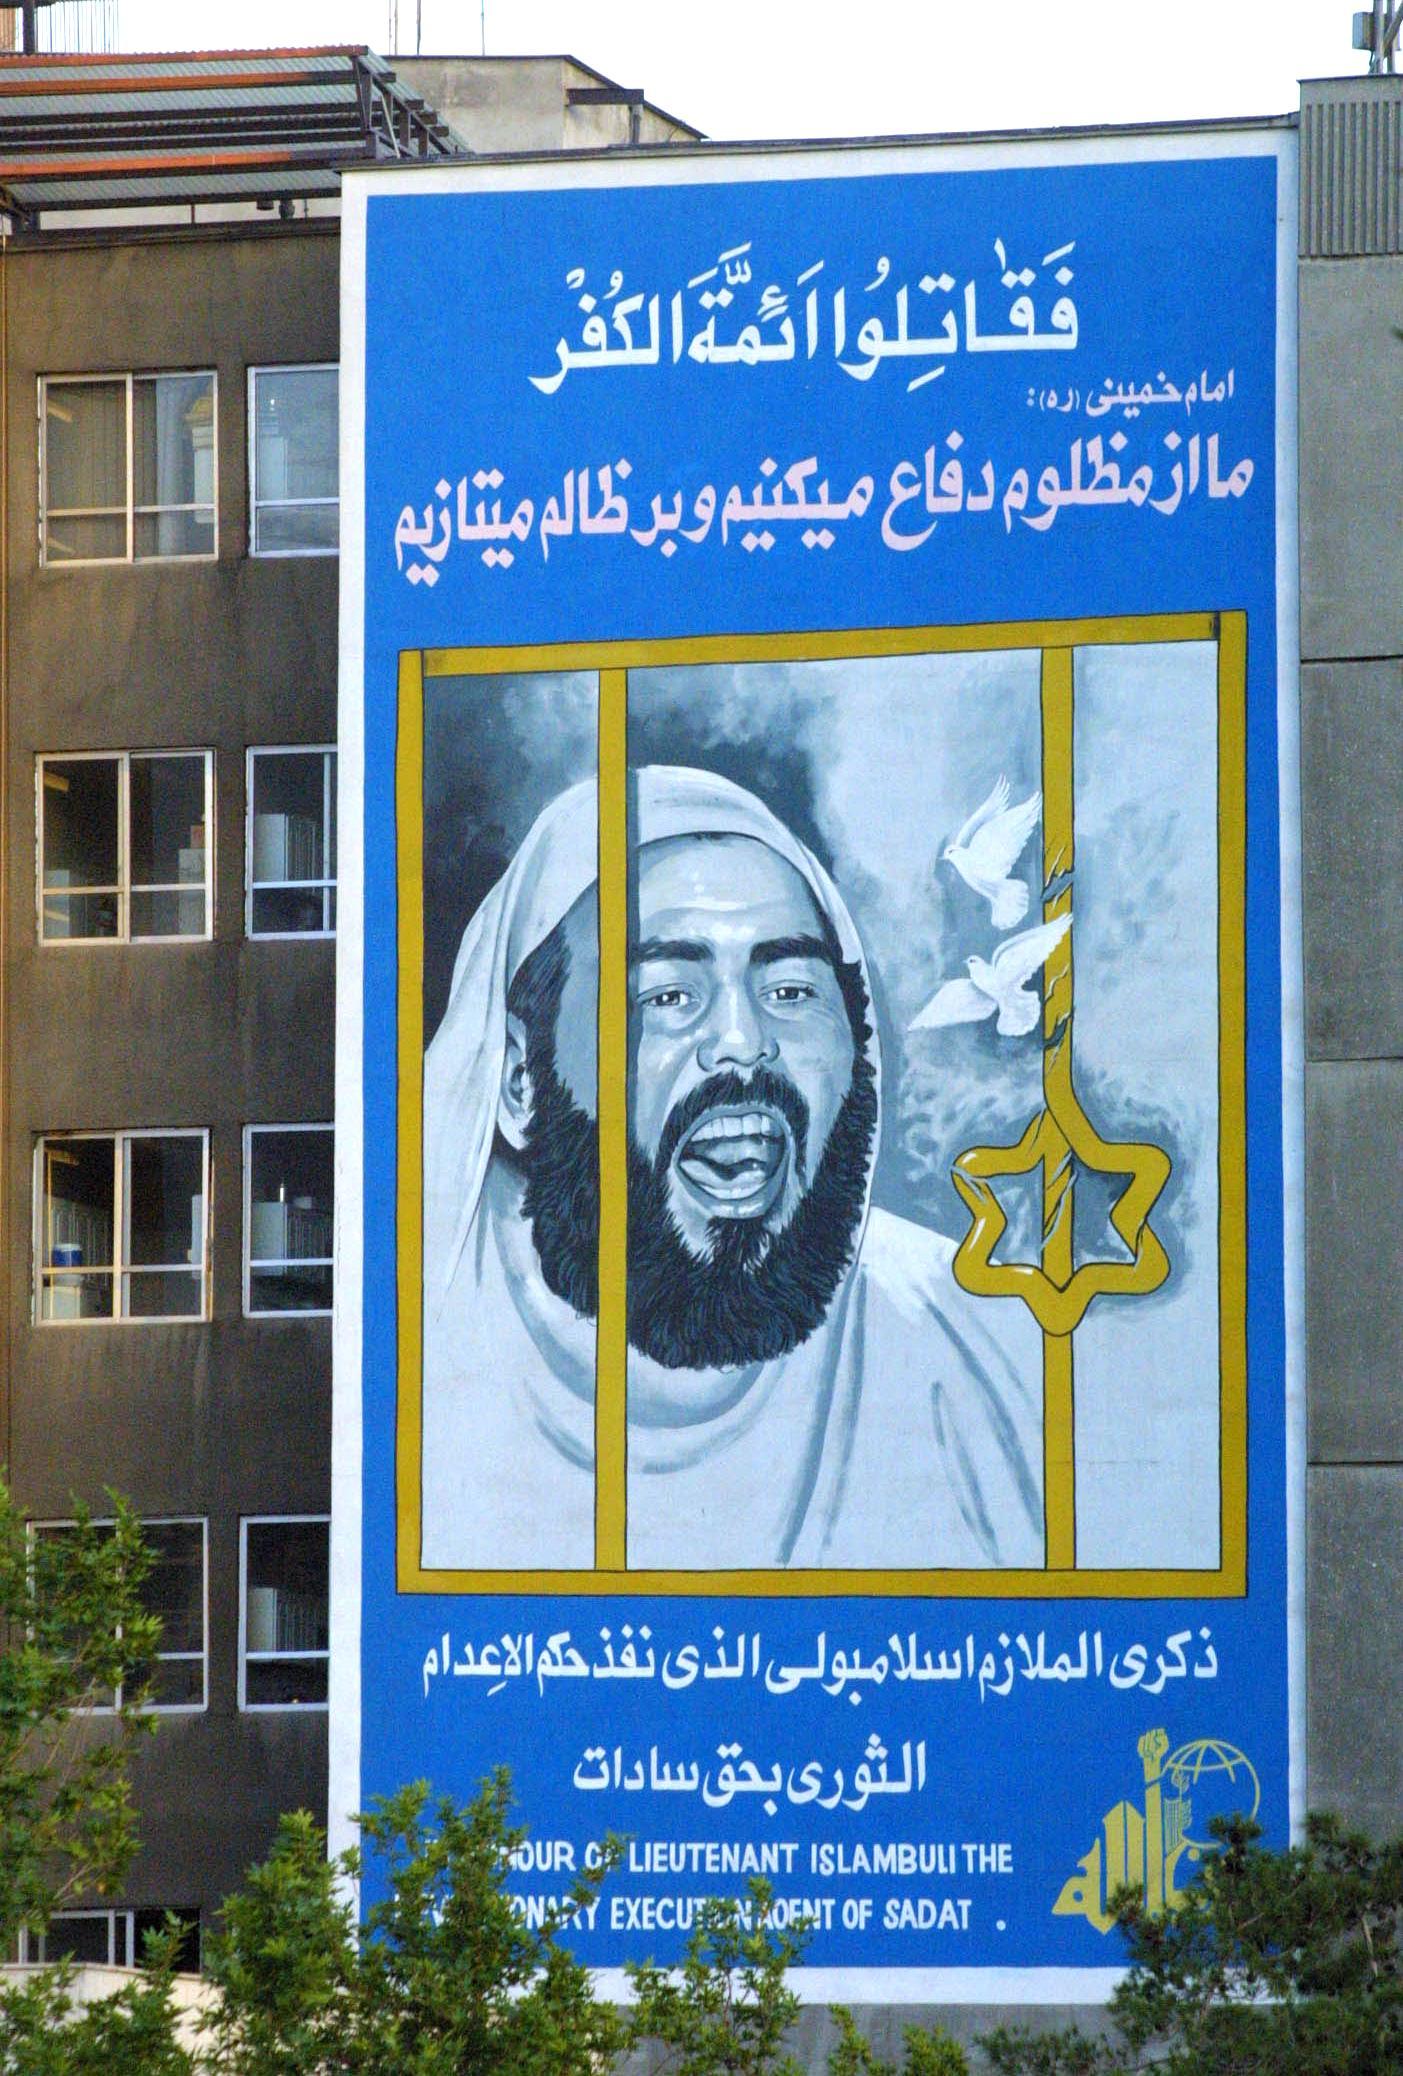 جدراية كبيرة لخالد الإسلامبولي، قائد عملية اغتيال أنور السادات، في طهران